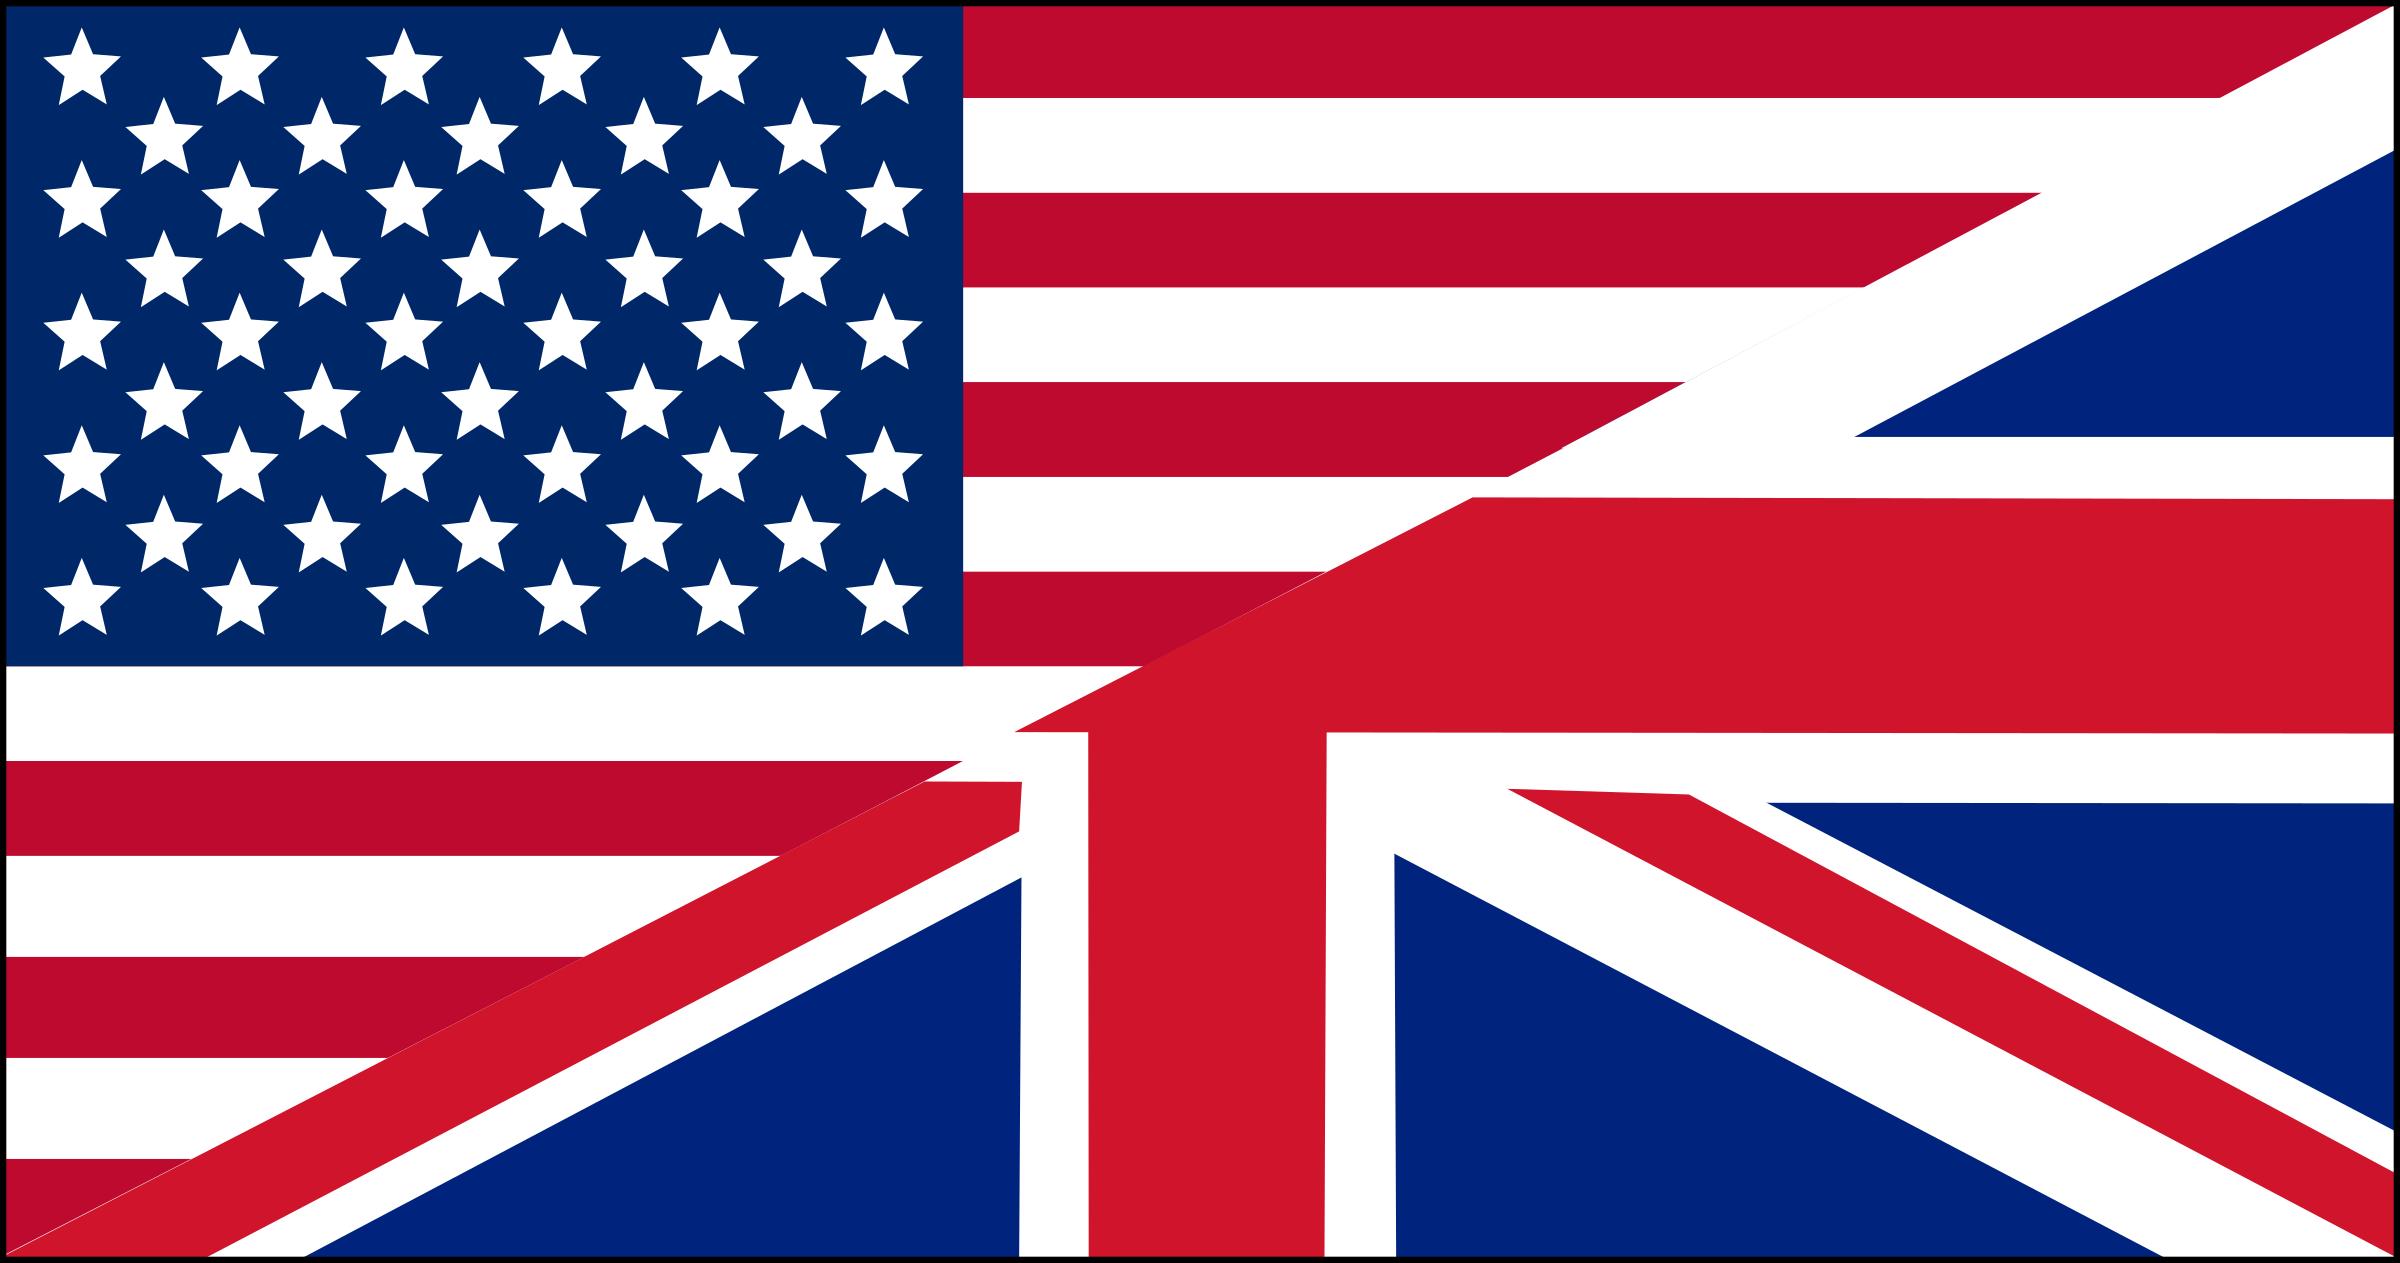 US/UK flag by klainen